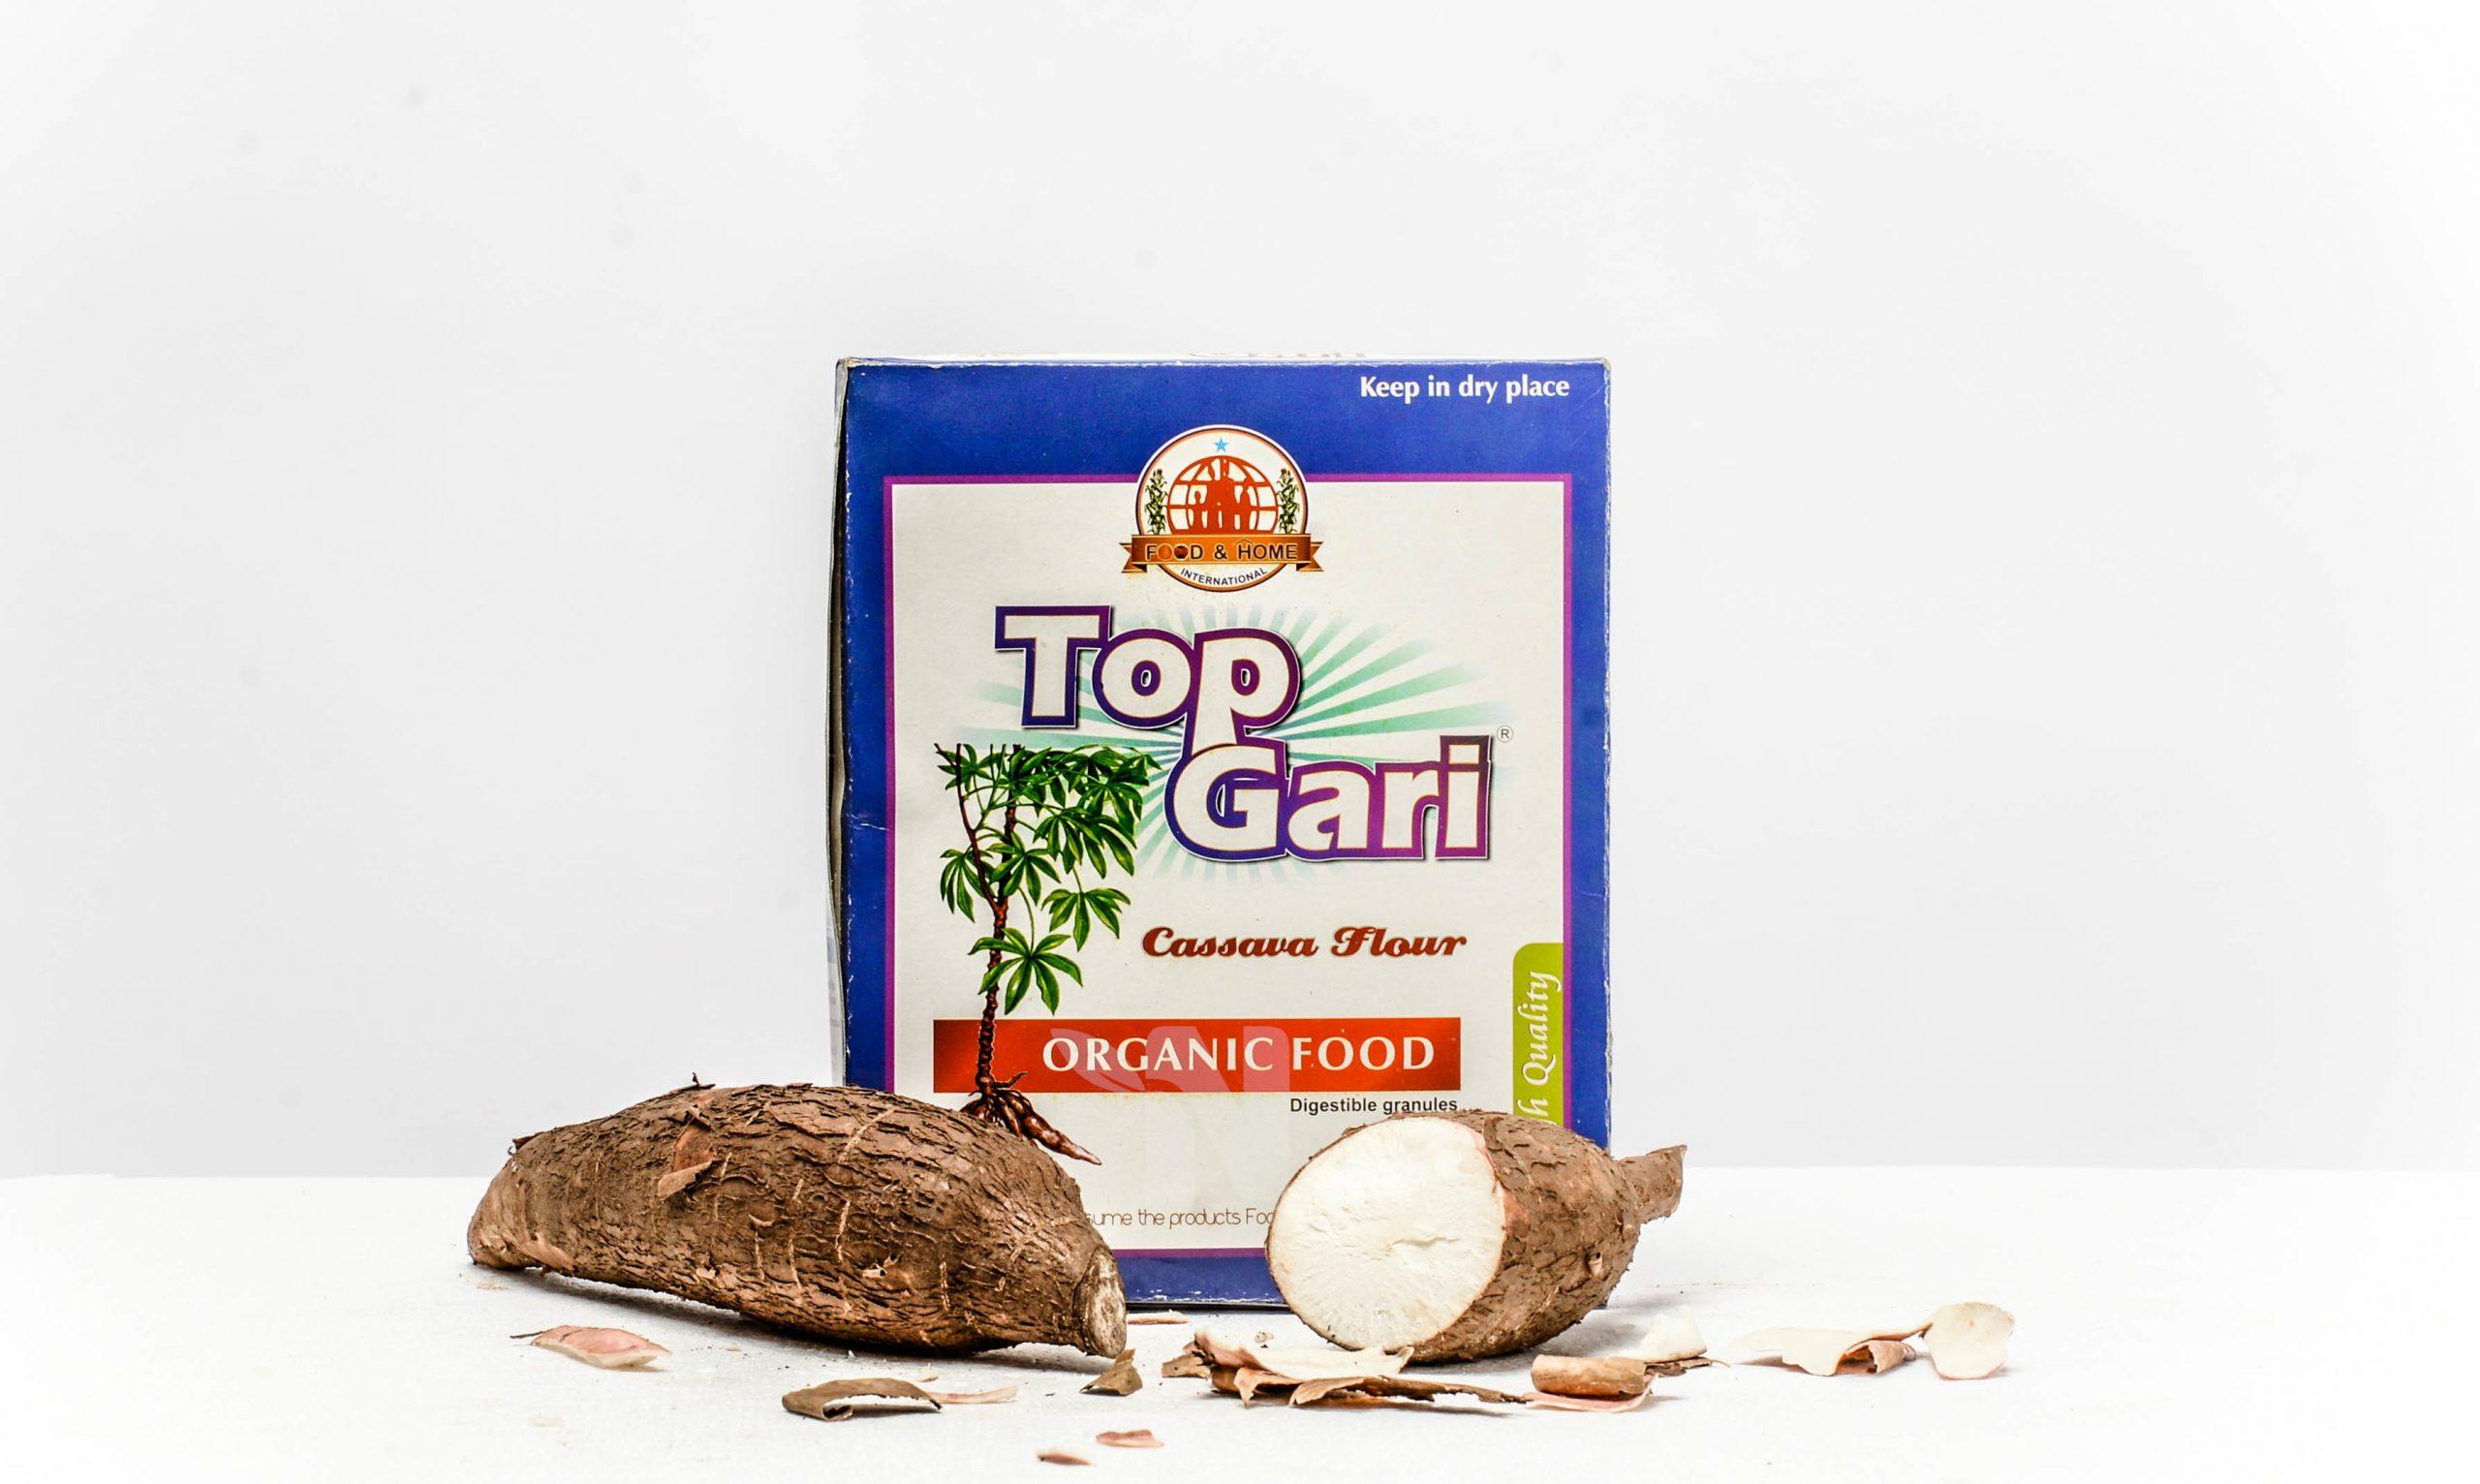 Top Gari